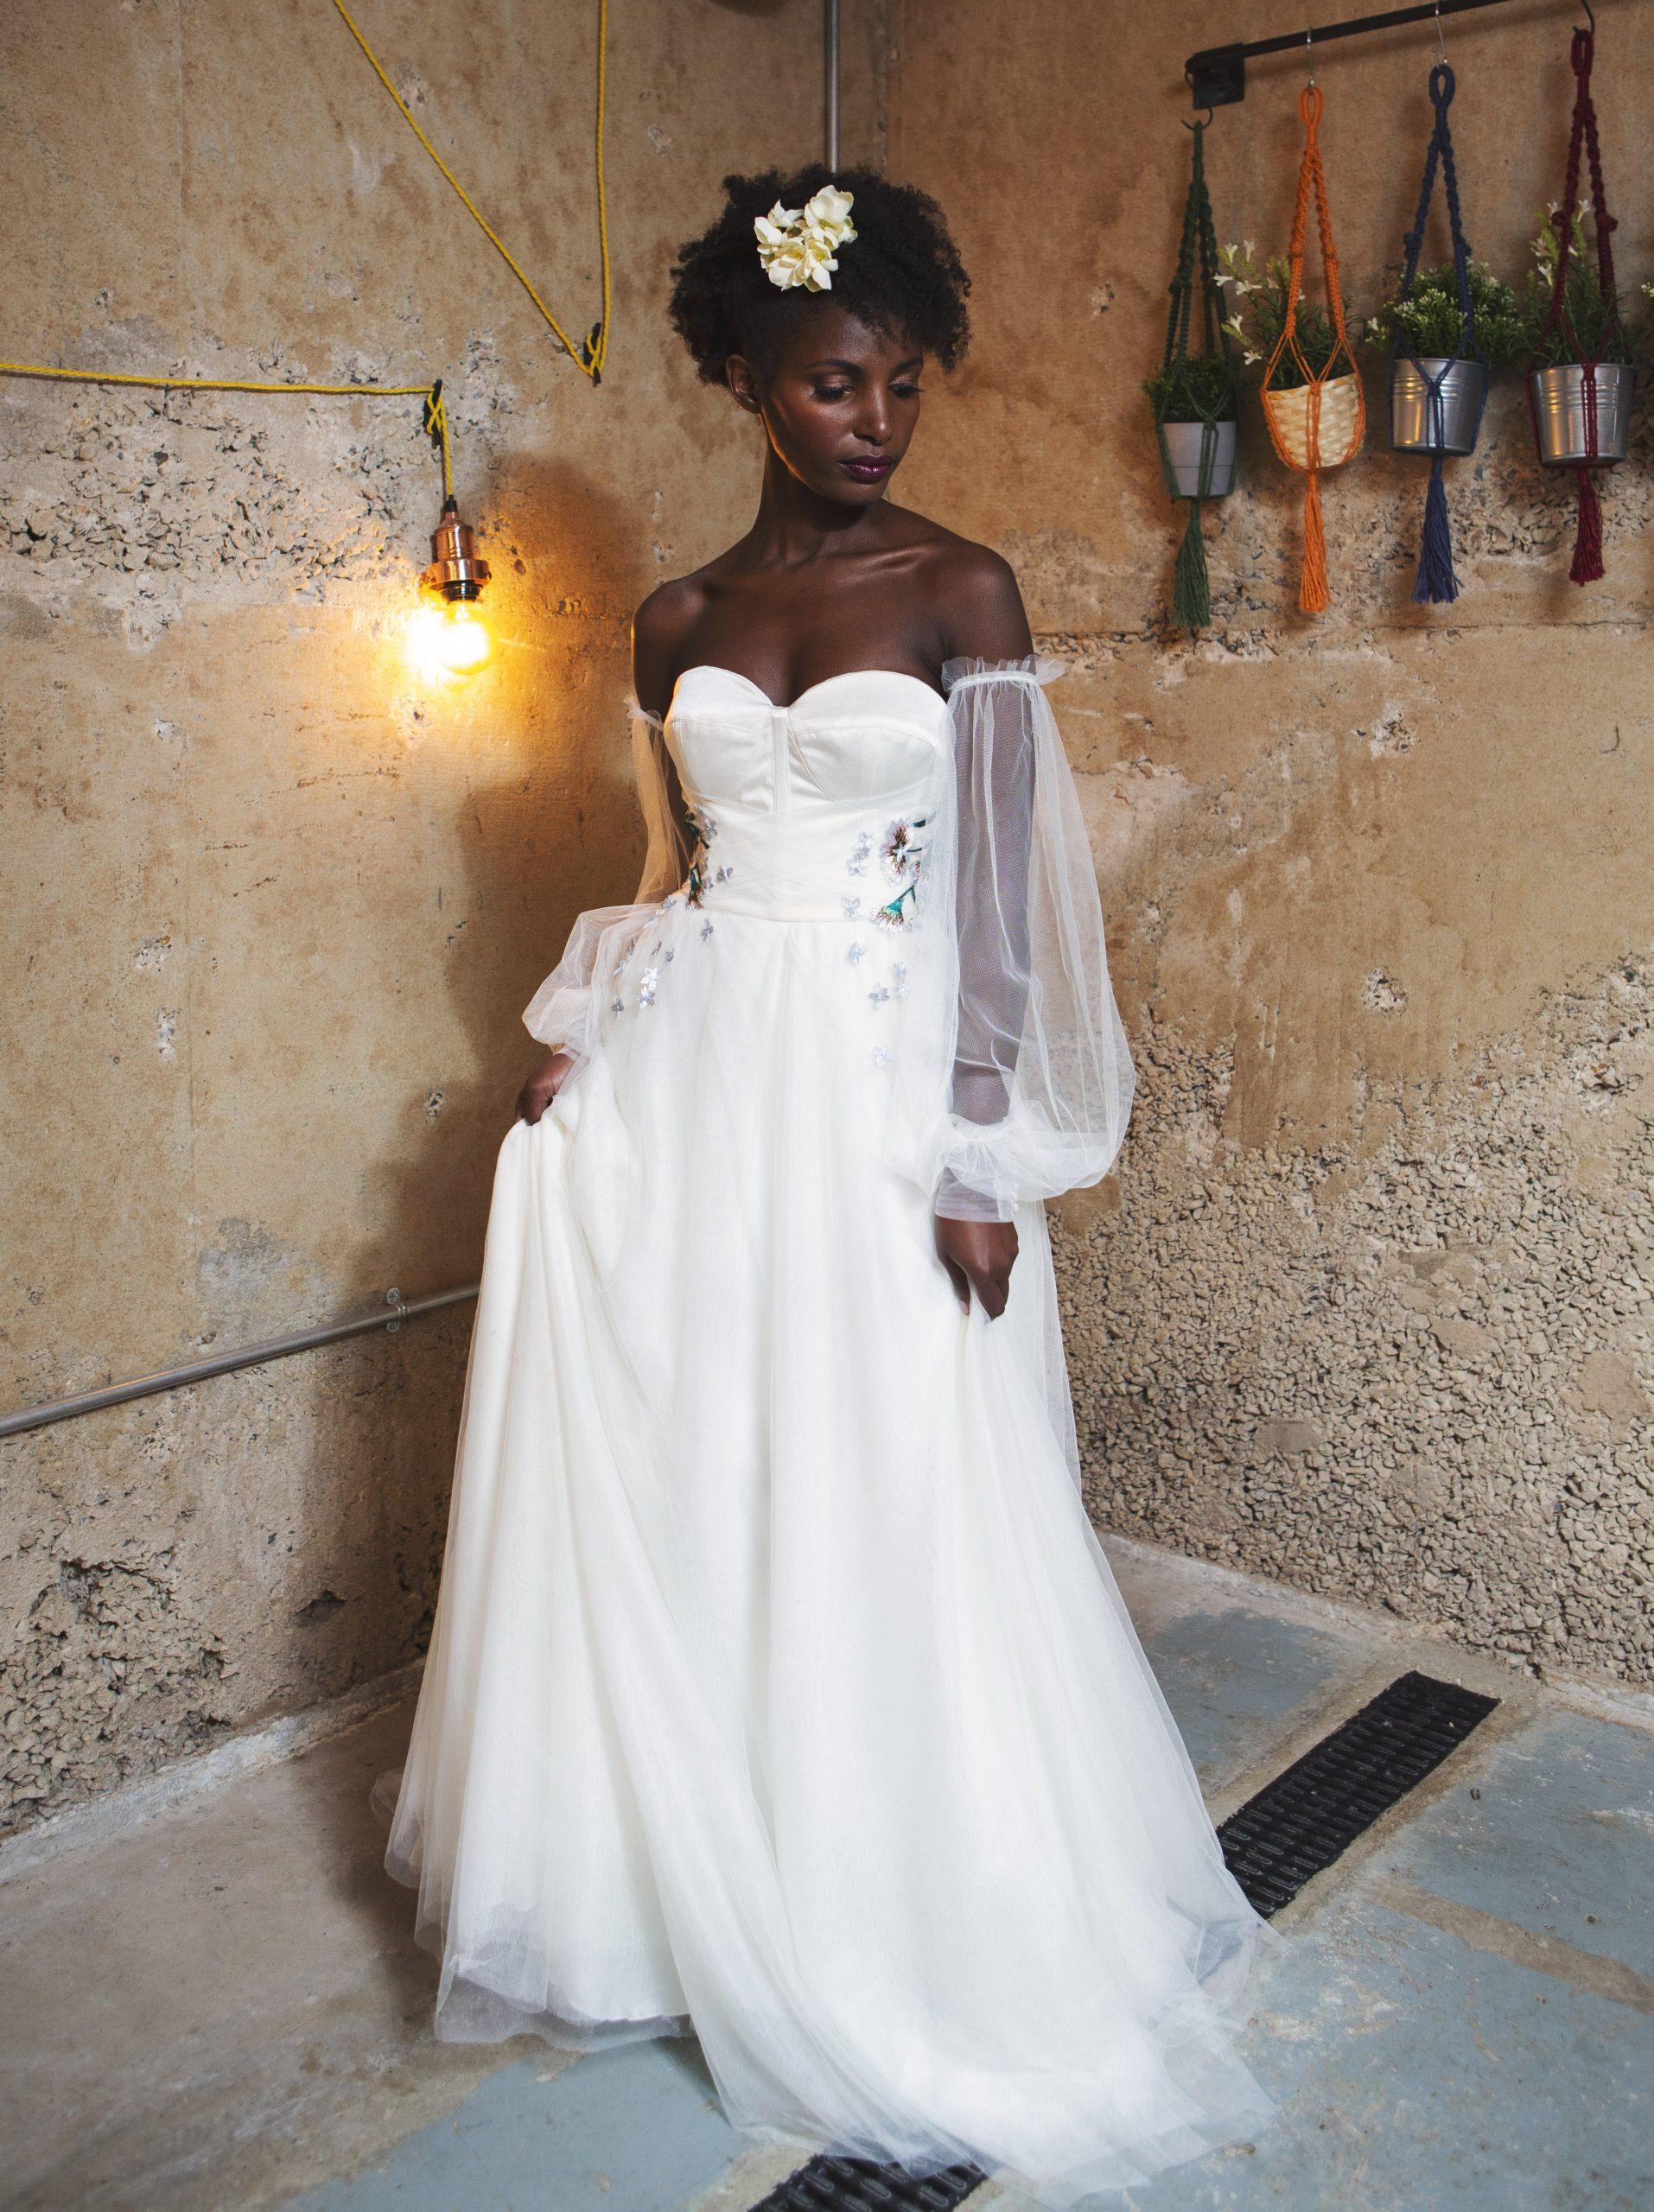 bespoke ethereal wedding dress